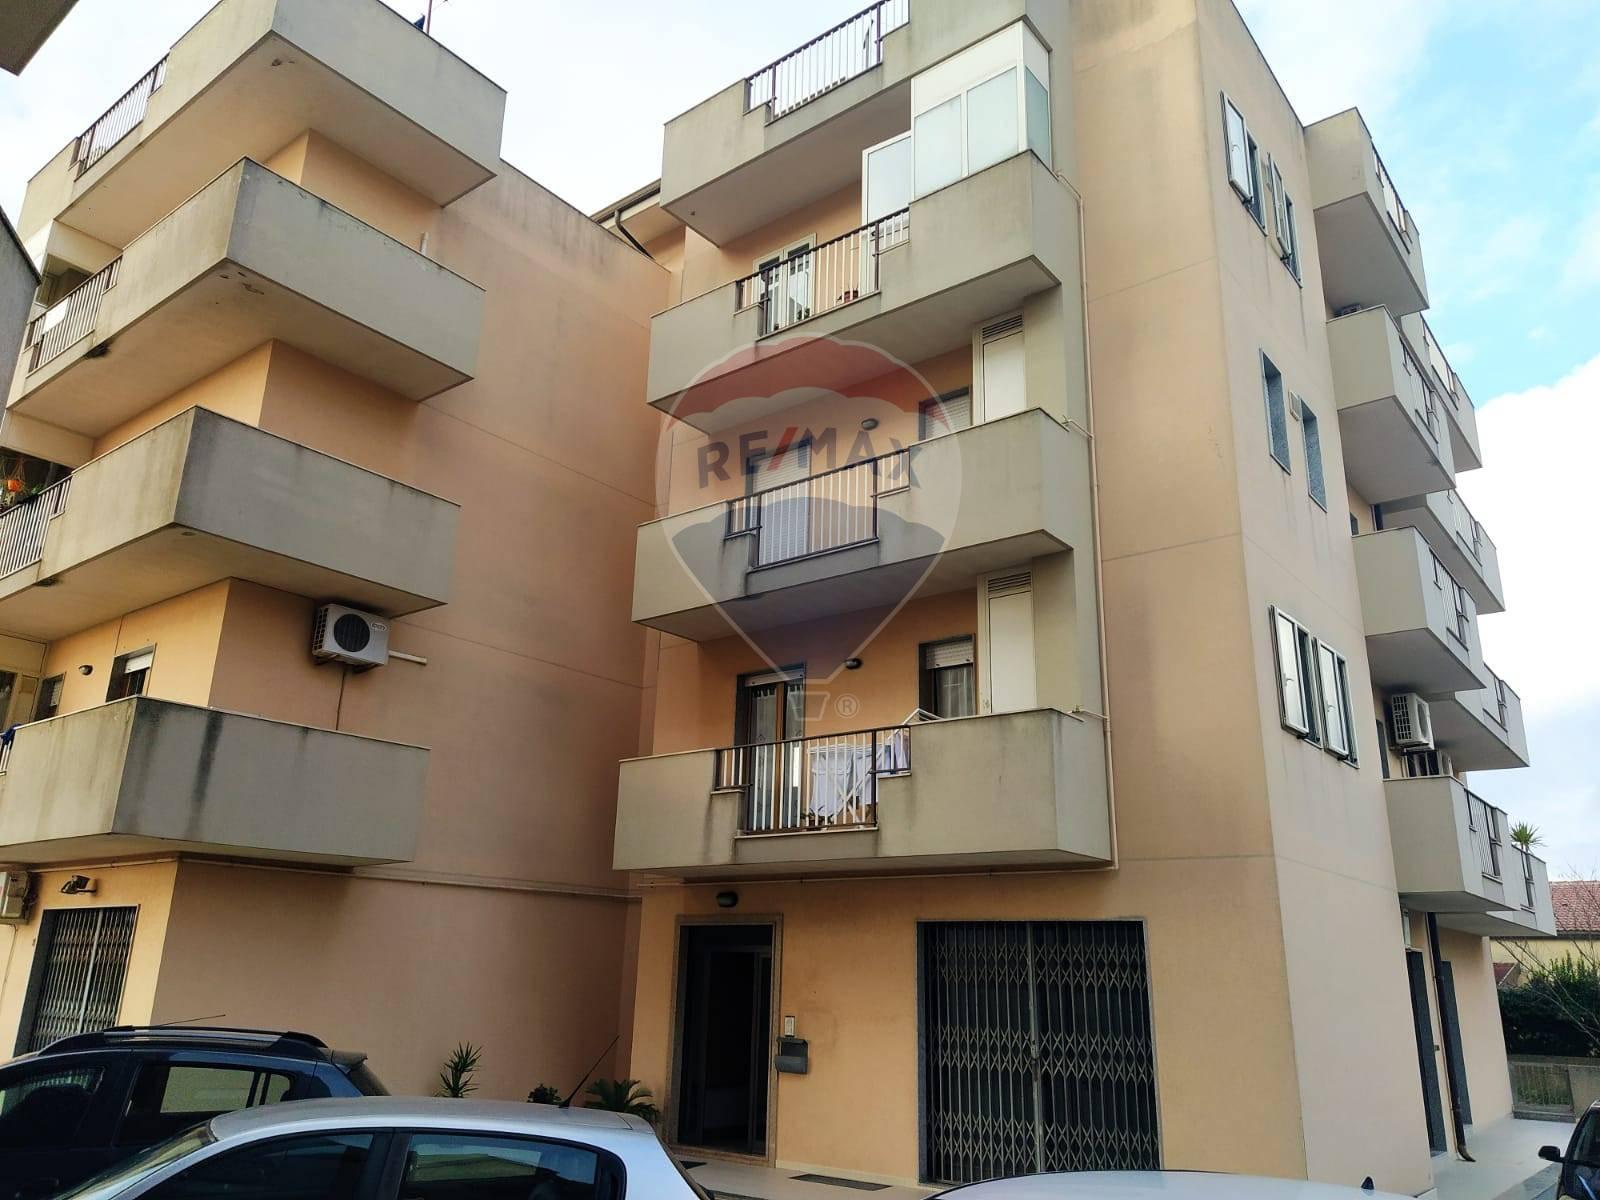 Appartamento in vendita a Modica, 7 locali, zona Zona: Frigintini, prezzo € 85.000   CambioCasa.it